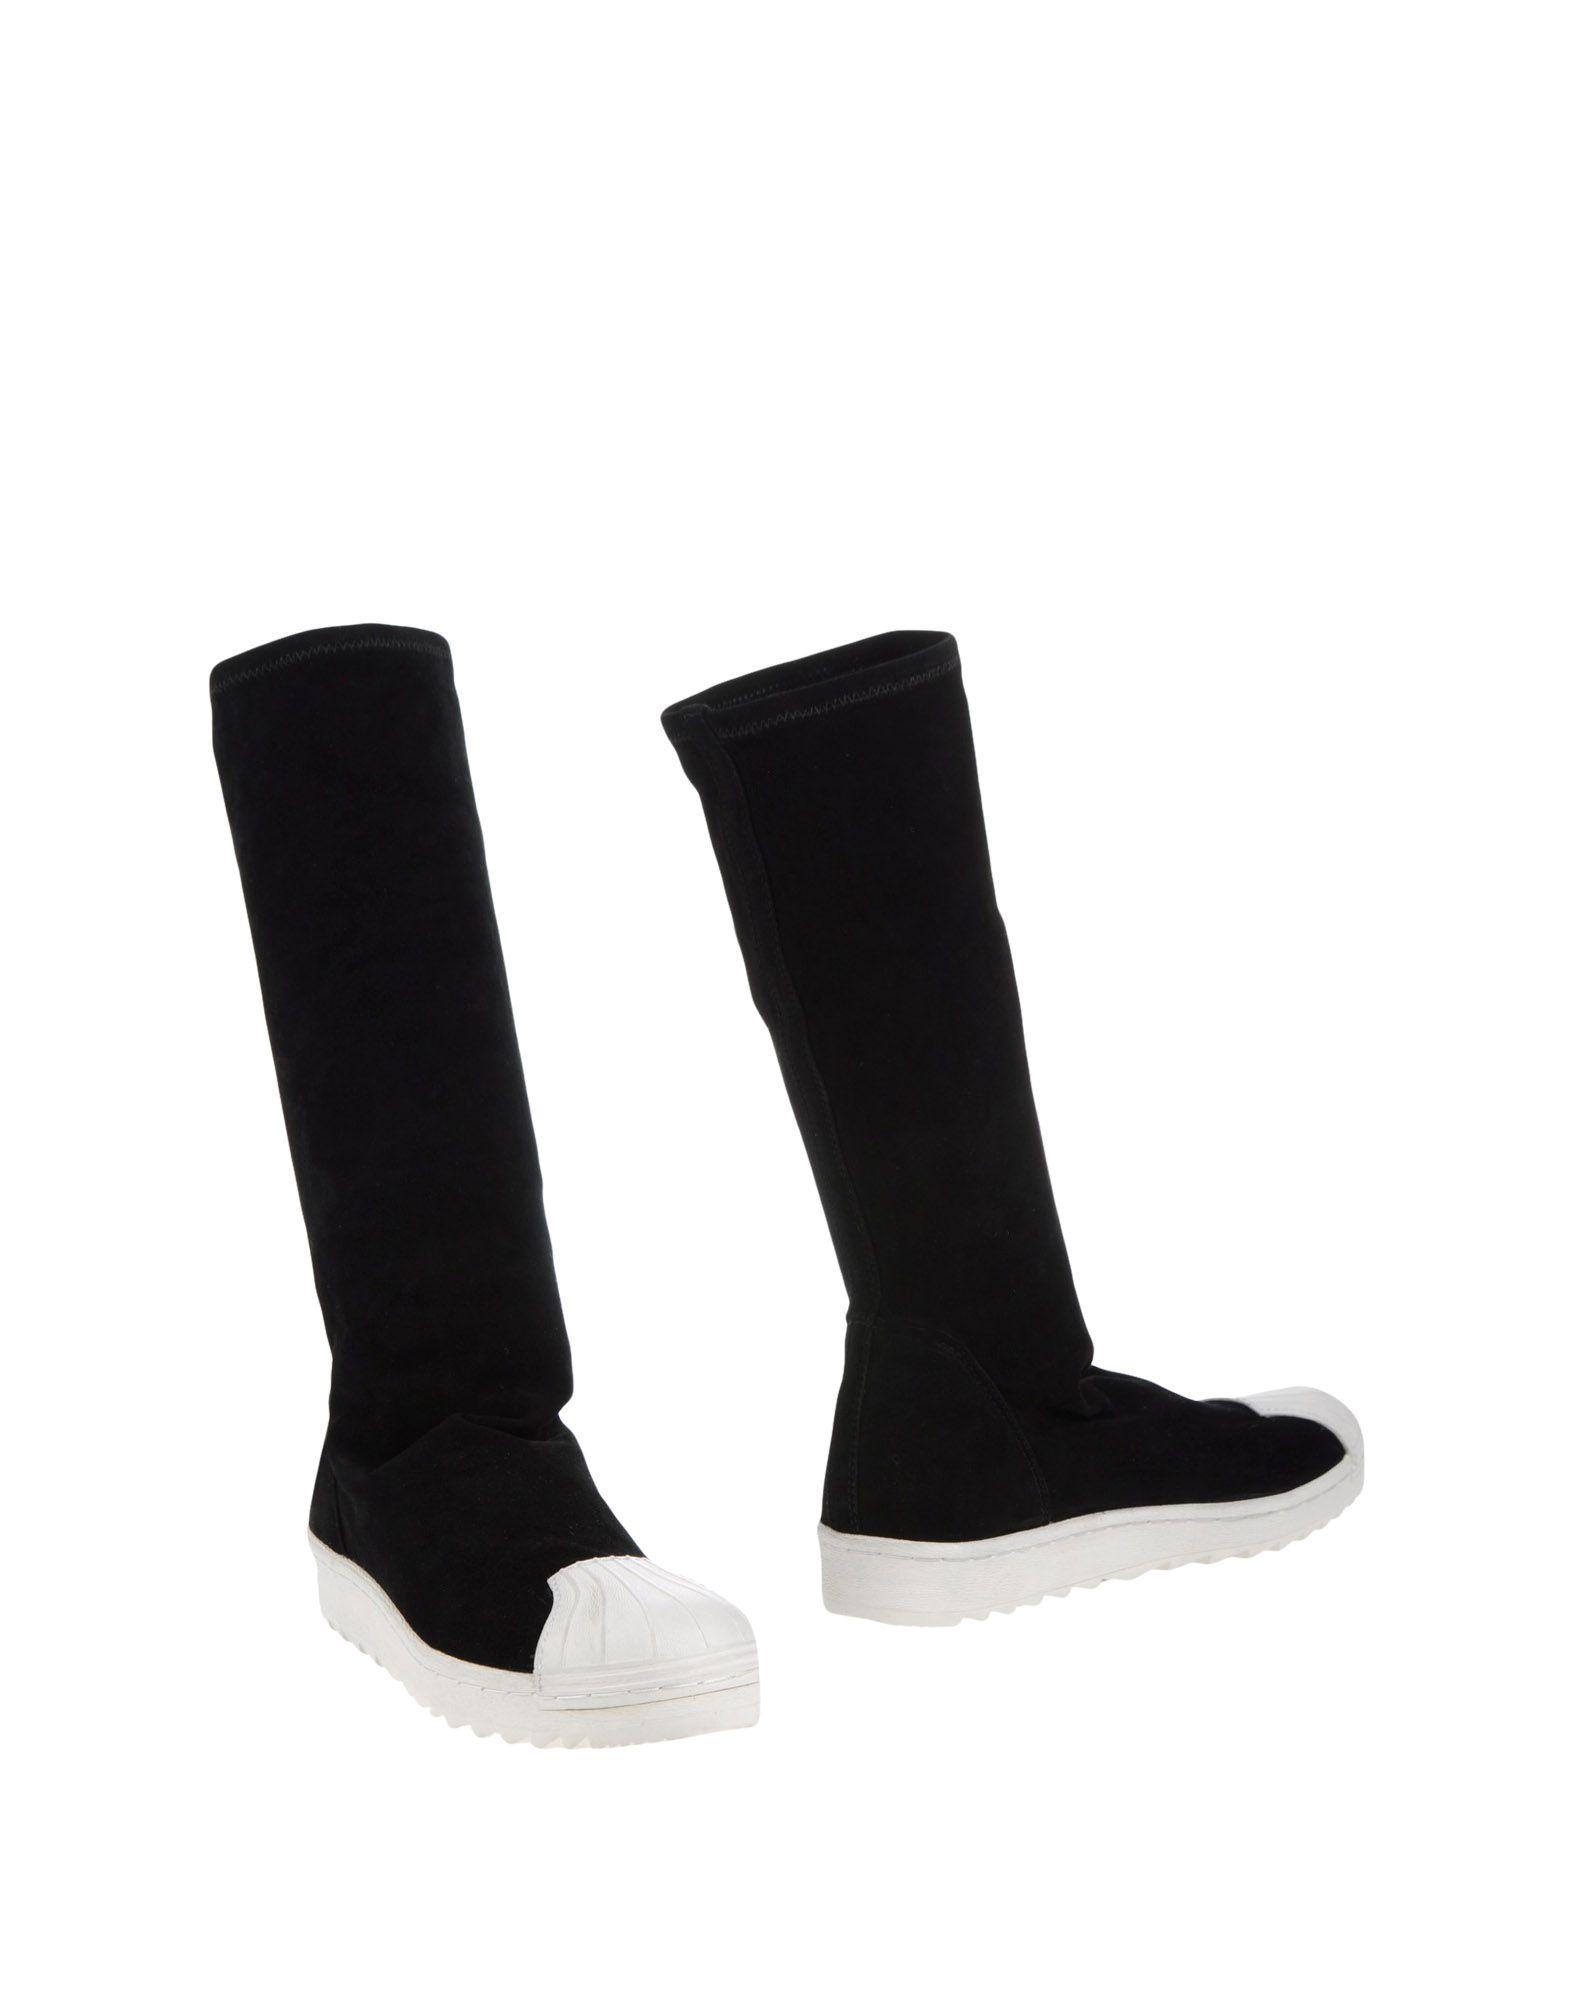 Rick Owens X Adidas Stiefelette Herren  11214514FO Gute Qualität beliebte Schuhe